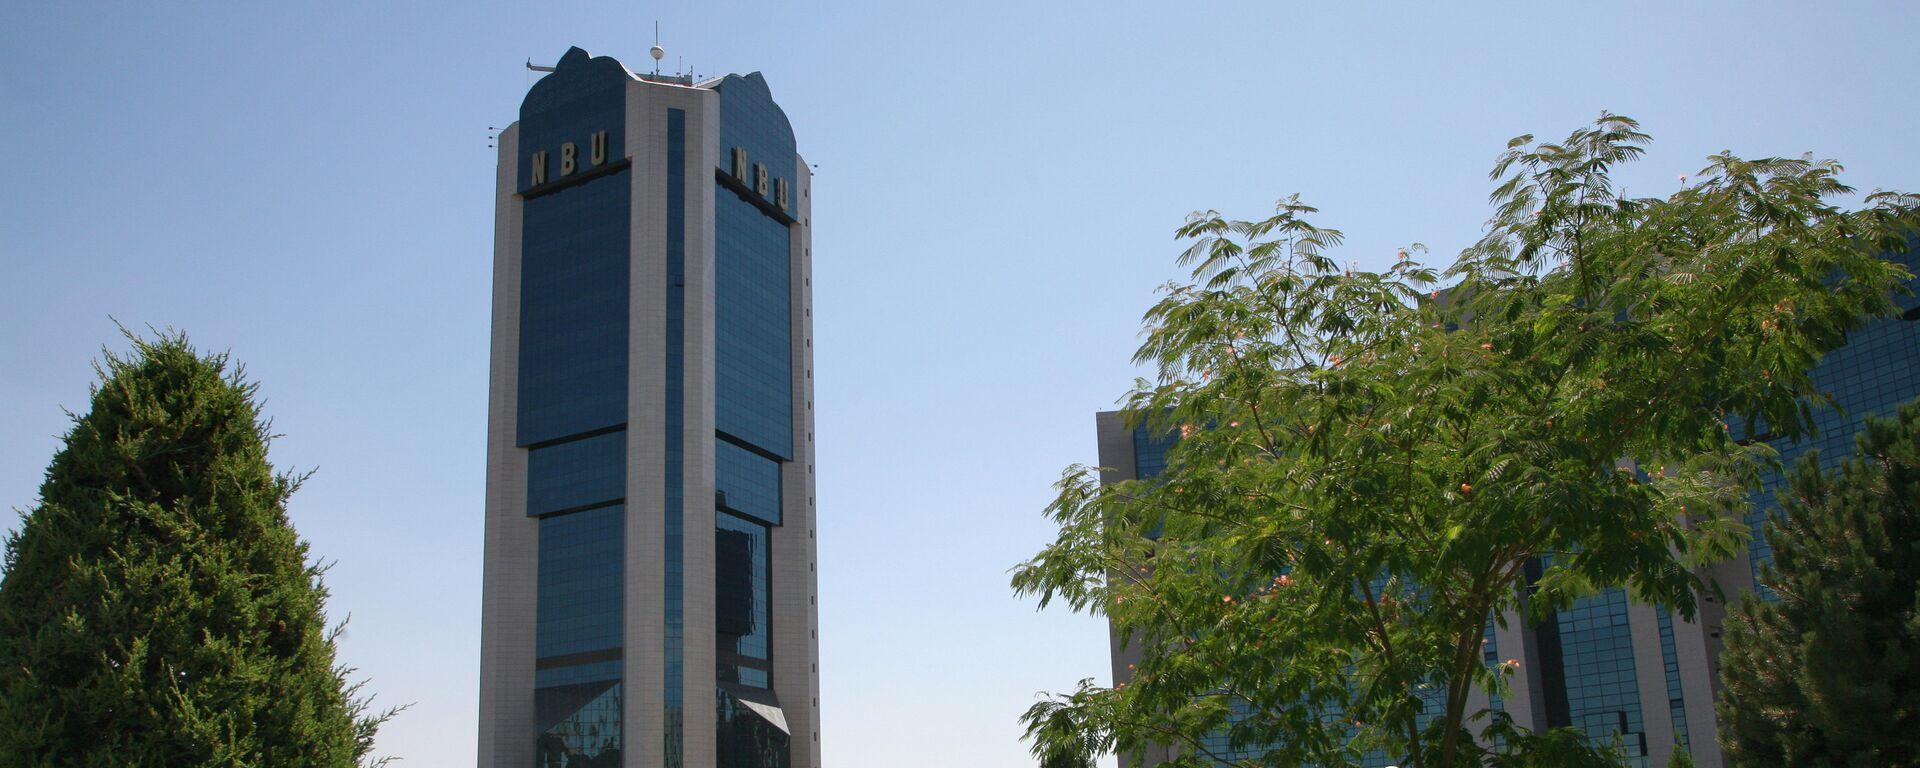 Национальный банк Узбекистана - Sputnik Узбекистан, 1920, 17.09.2020